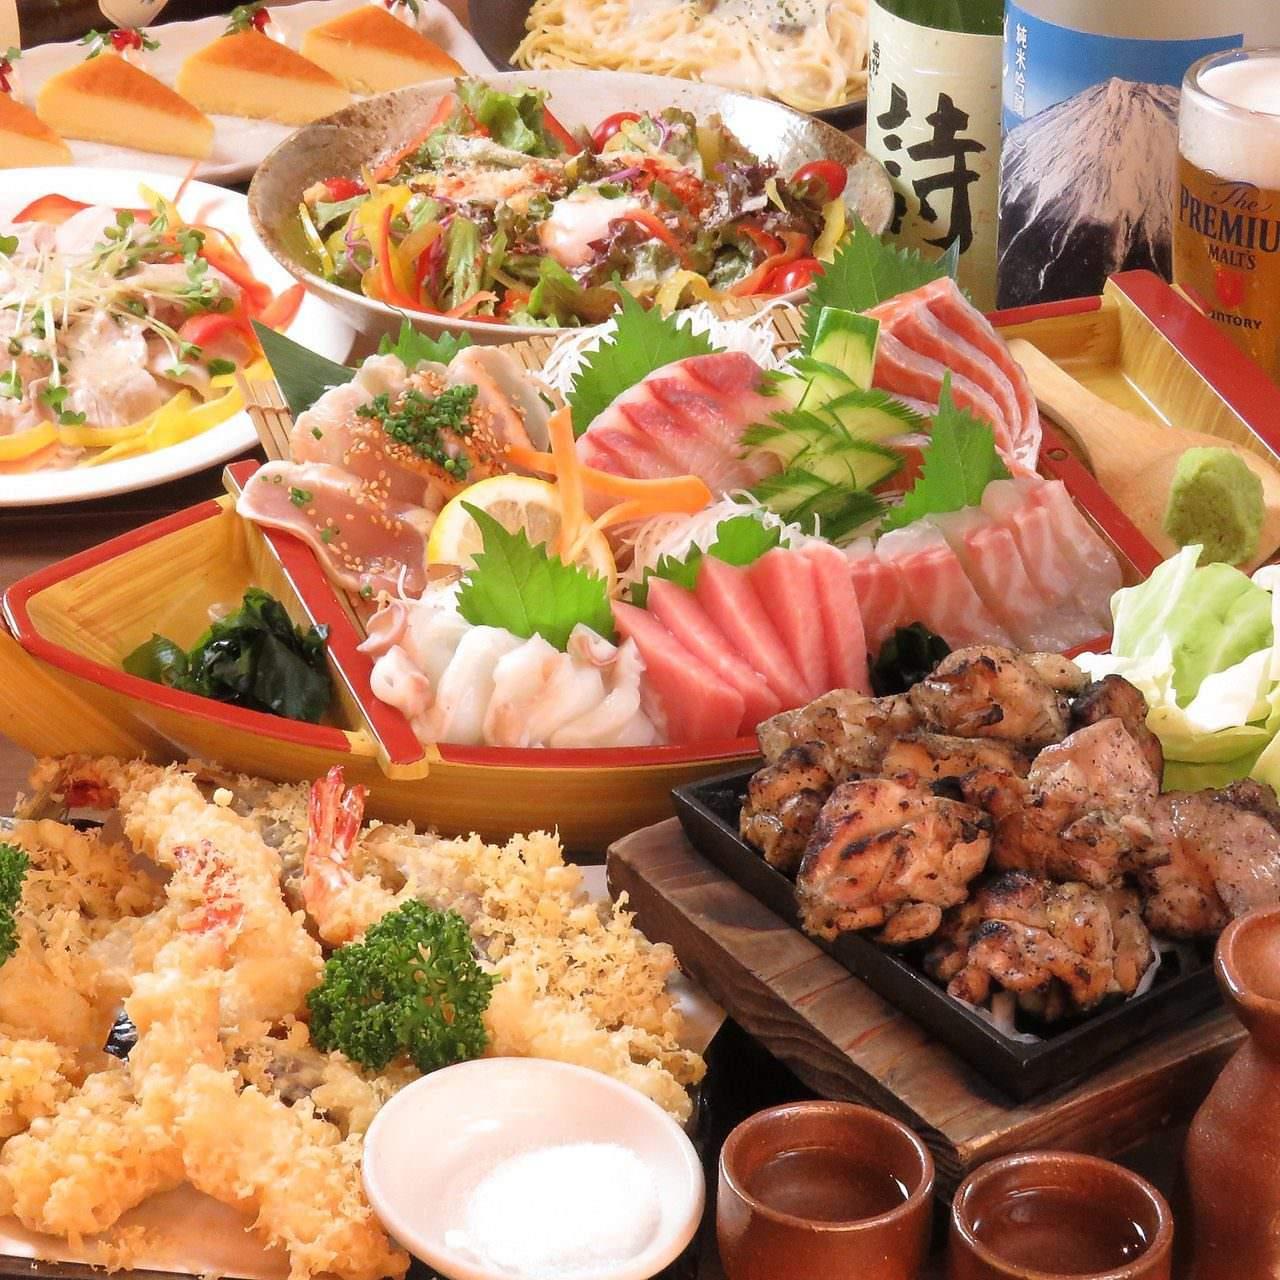 静岡駅周辺_海鮮と網焼き地鶏 鶏菜(とりさい) 静岡駅店_写真2